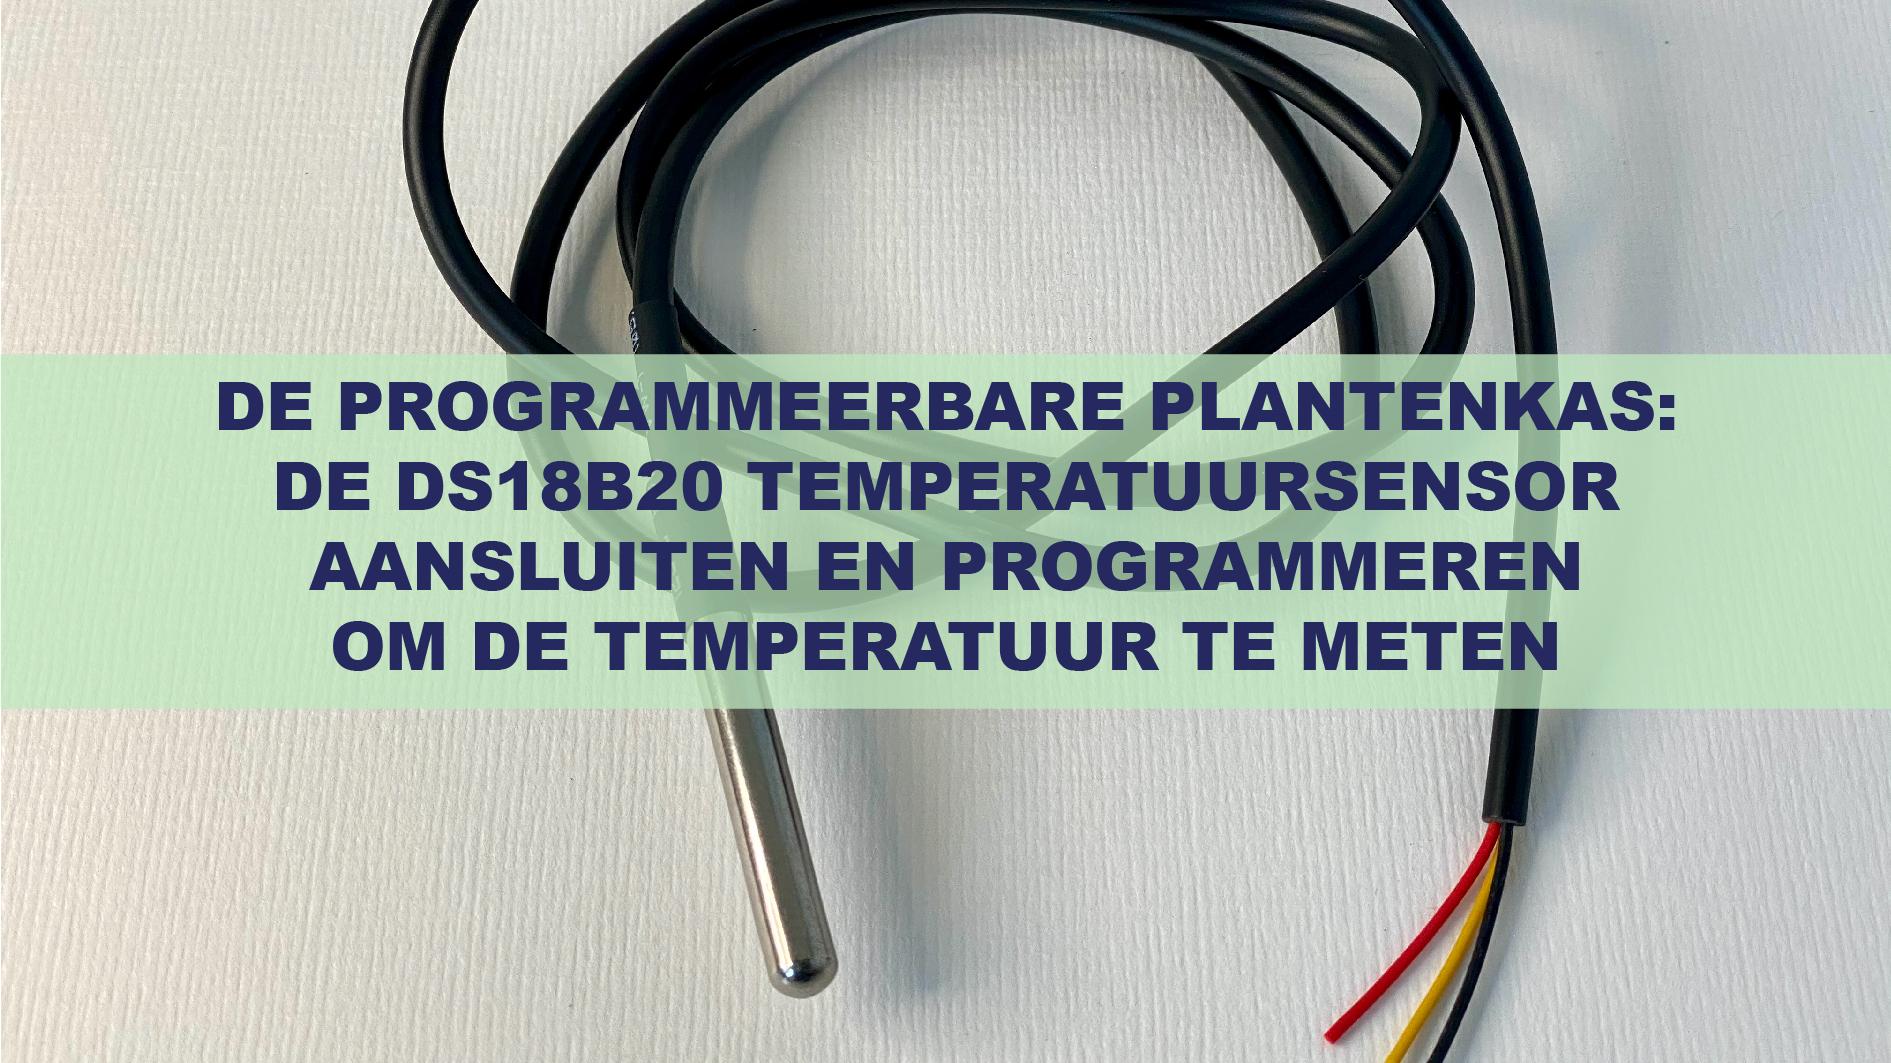 De Programmeerbare Plantenkas: De DS18B20 temperatuursensor aansluiten en programmeren om de temperatuur te meten